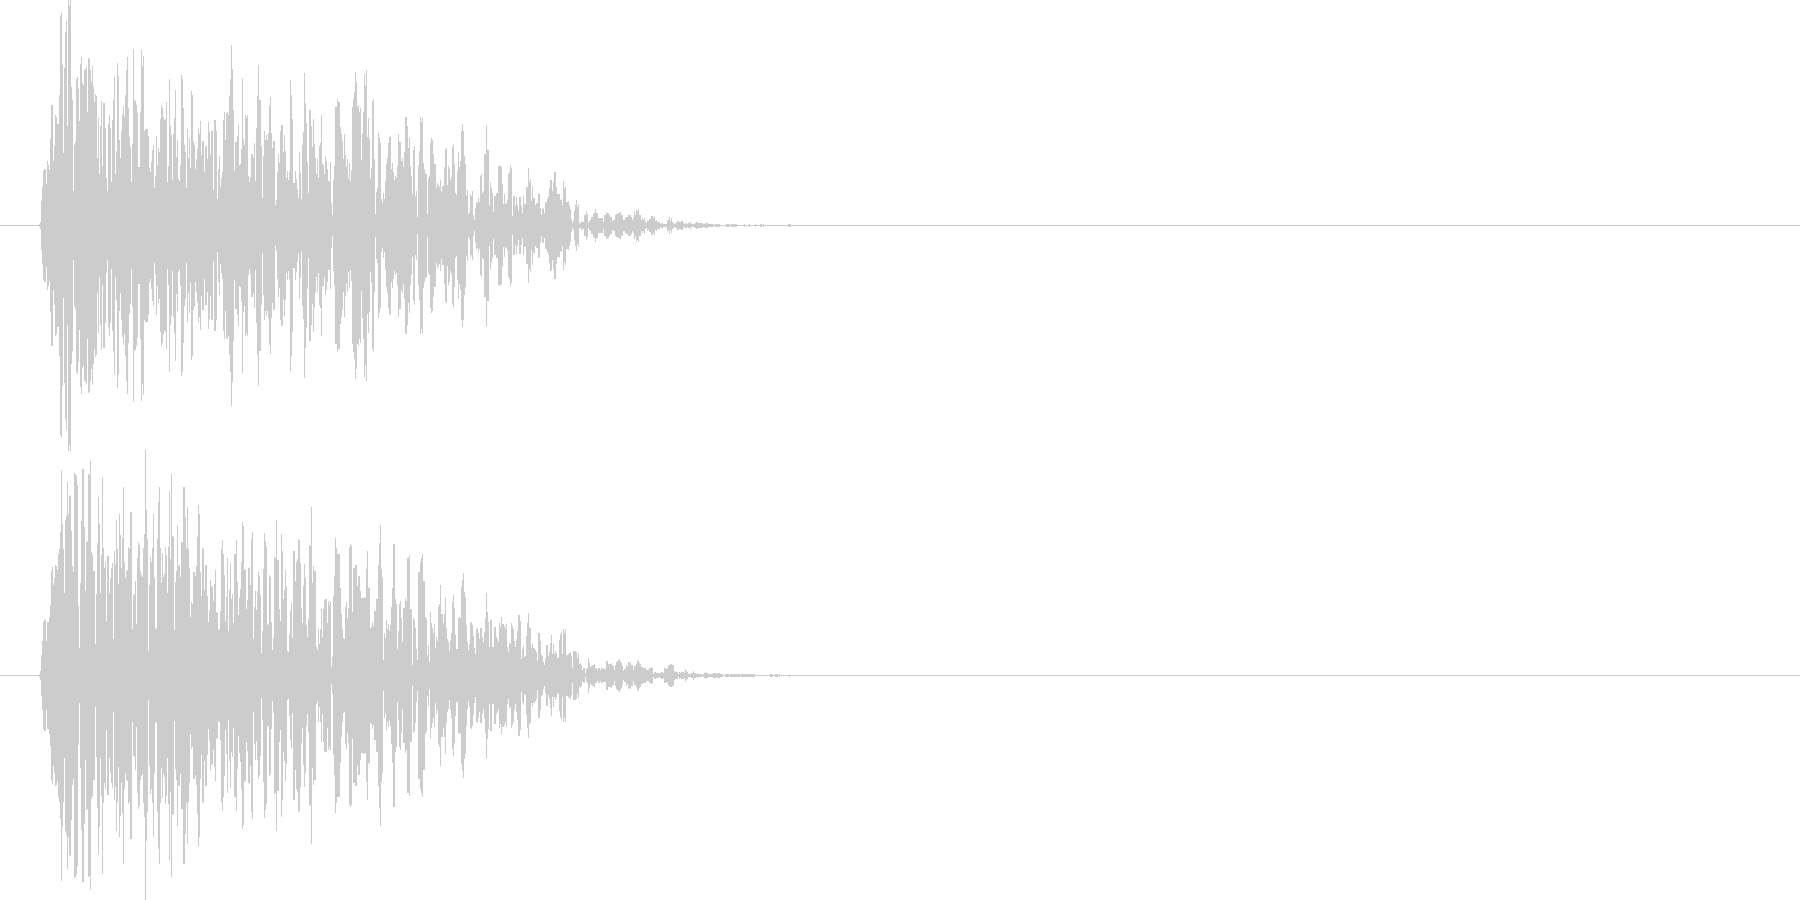 ドゥォーーン(爆発音)の未再生の波形